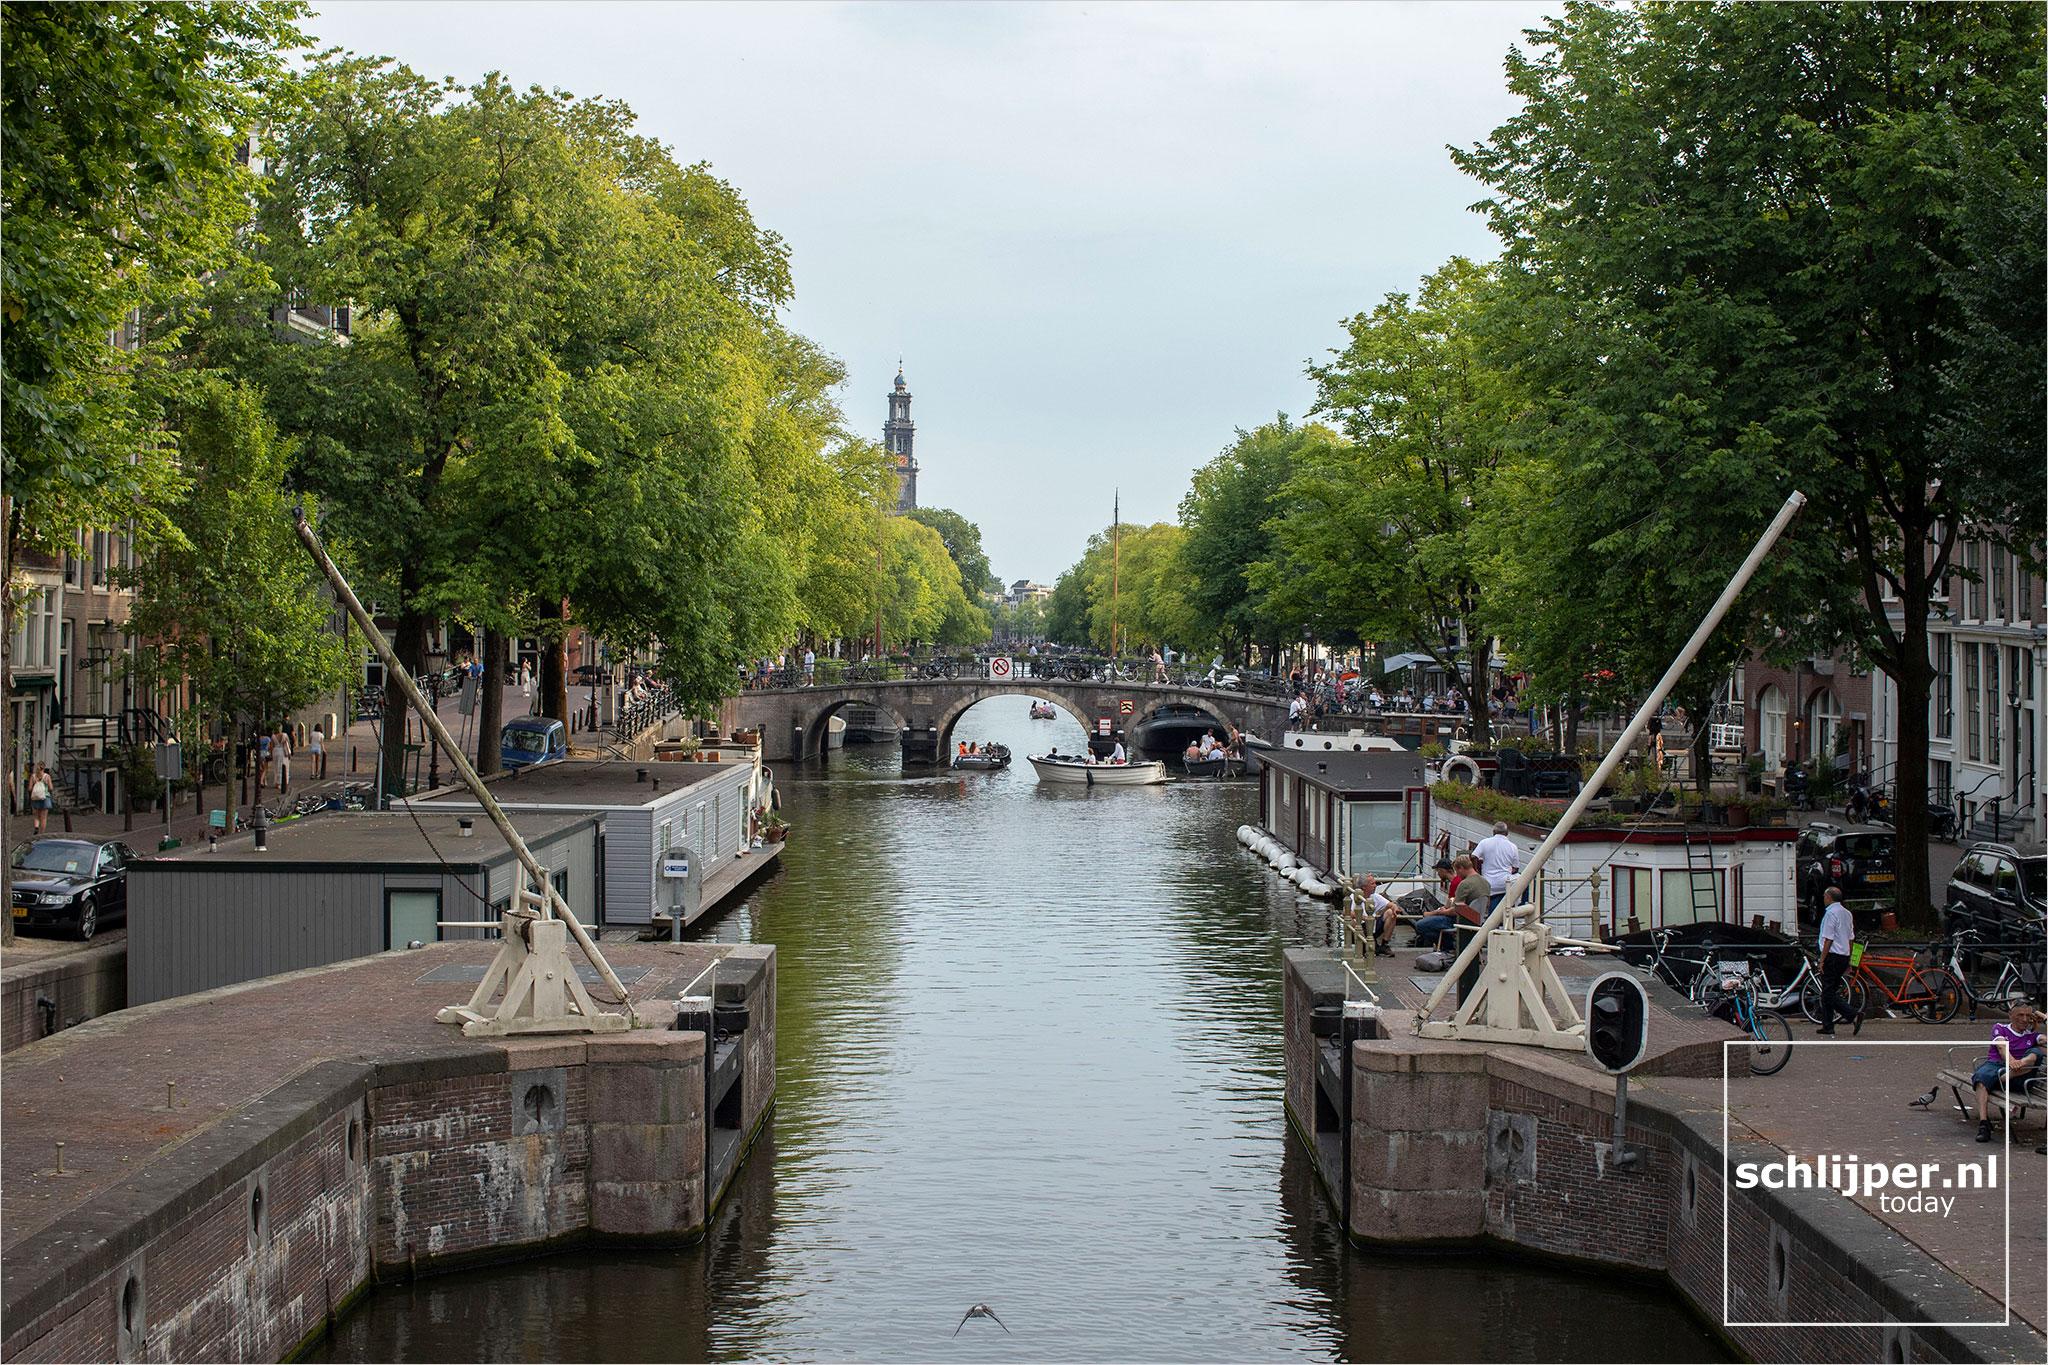 Nederland, Amsterdam, 8 augustus 2020